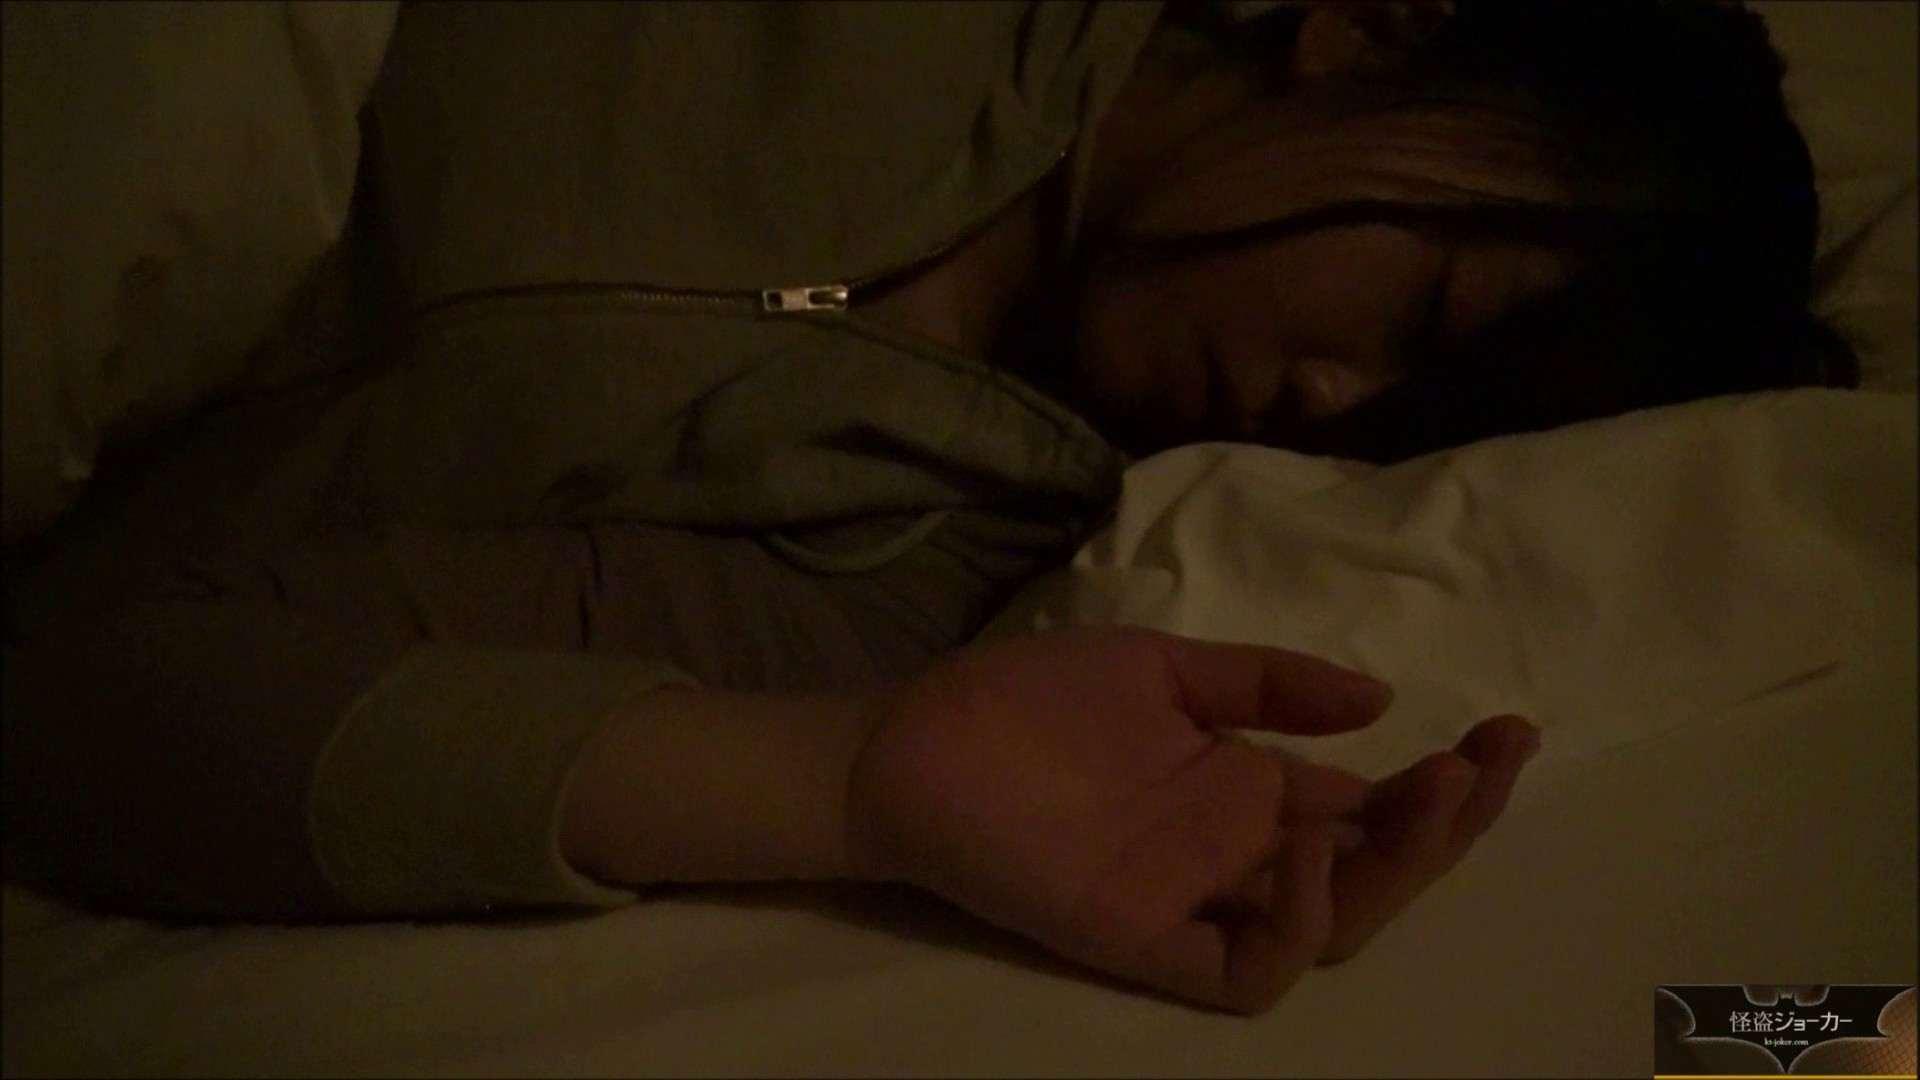 【未公開】vol.75 {関東某有名お嬢様JD}yuunaちゃん① お嬢様  106PIX 32